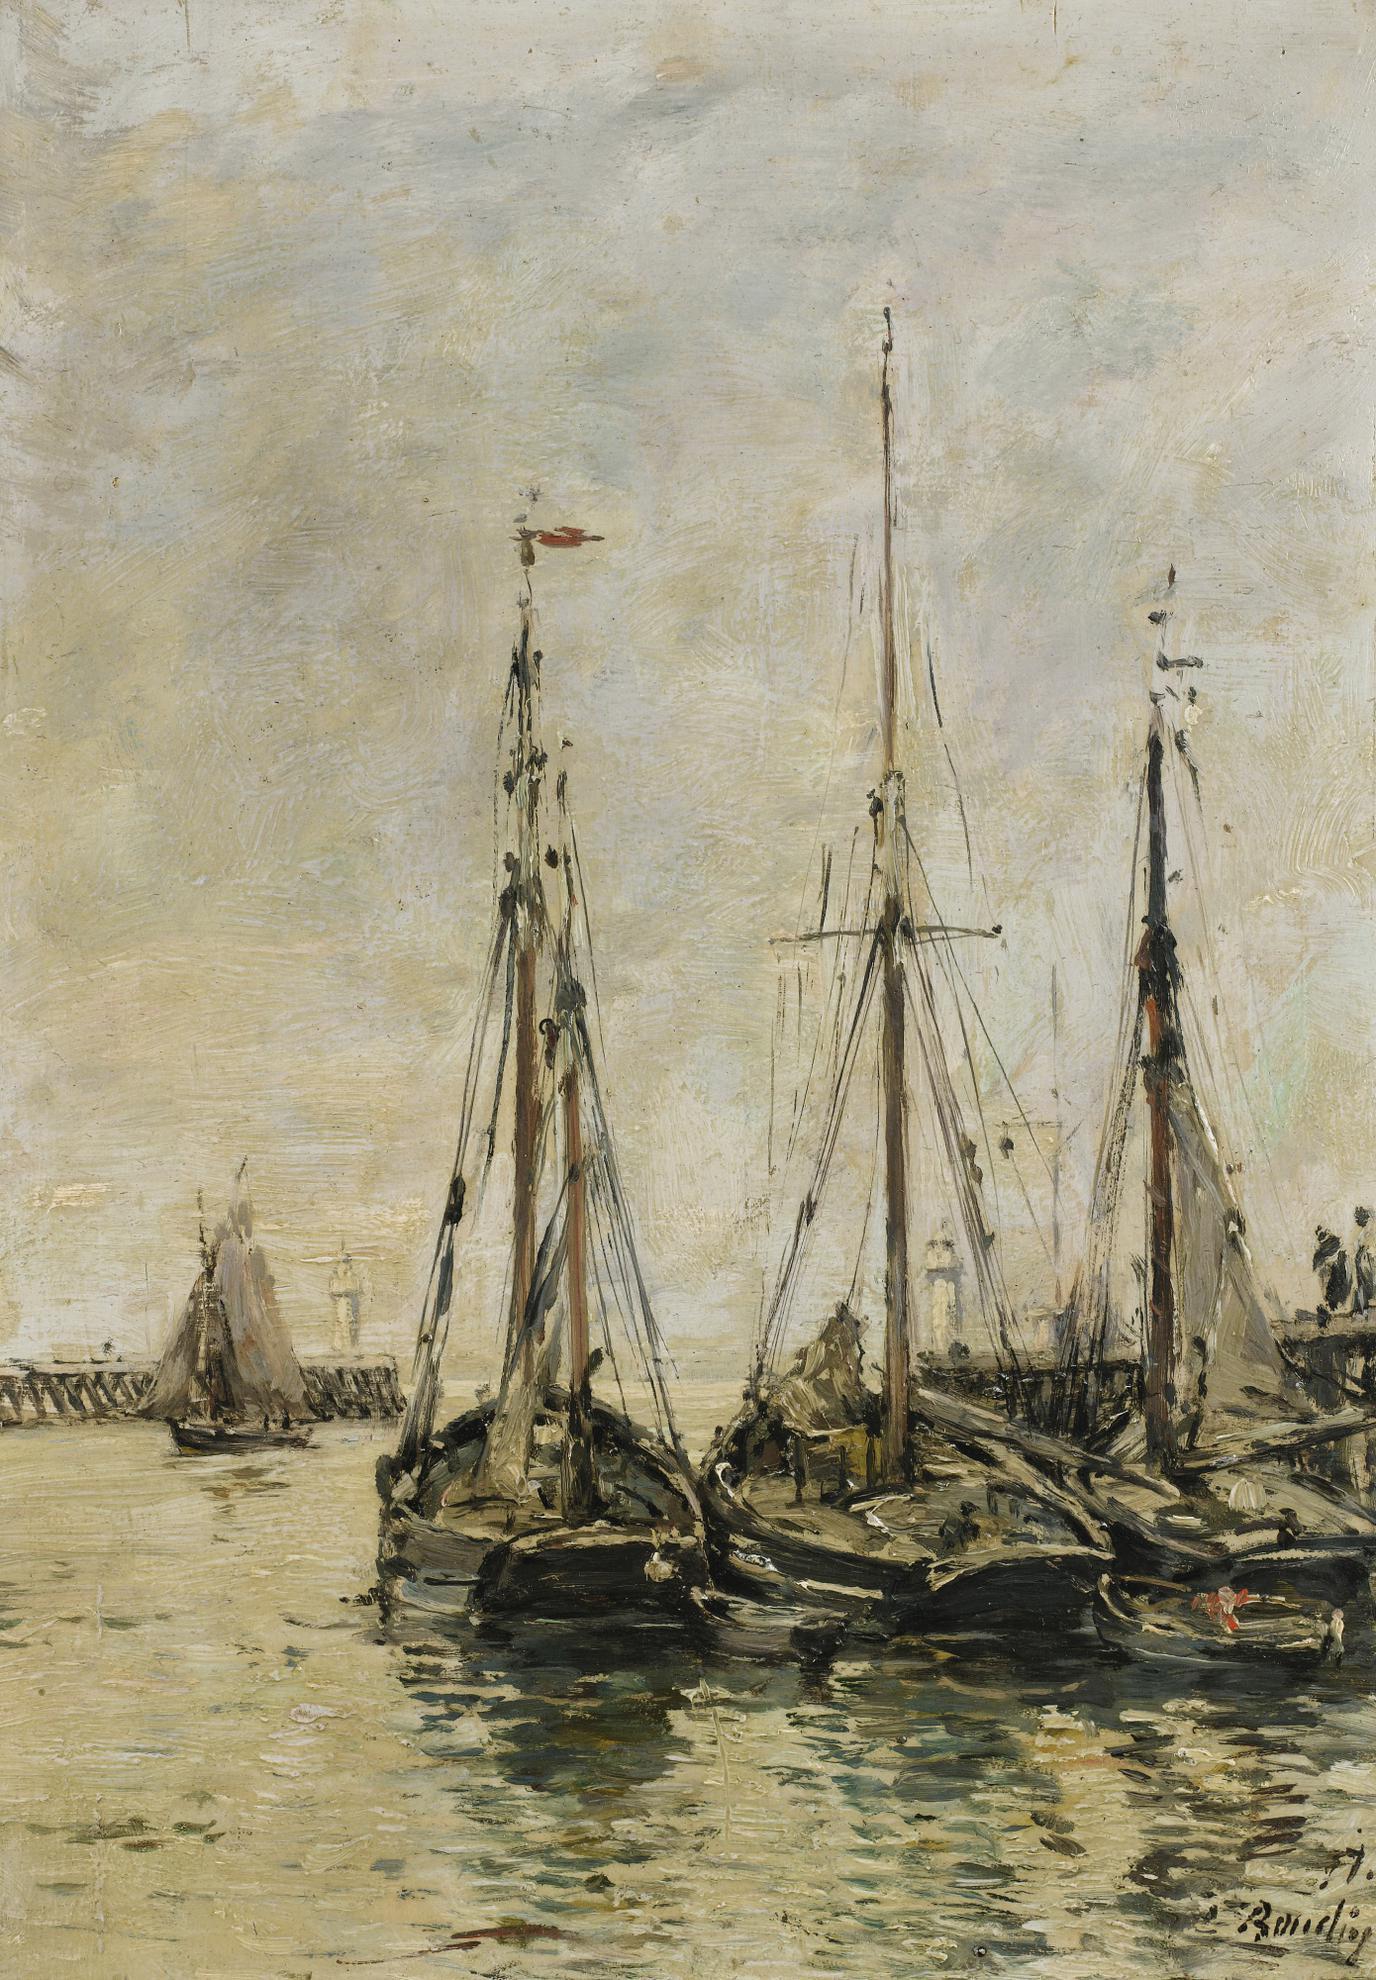 Eugene Louis Boudin-Trouville. Les Jetees. Maree Haute-1897